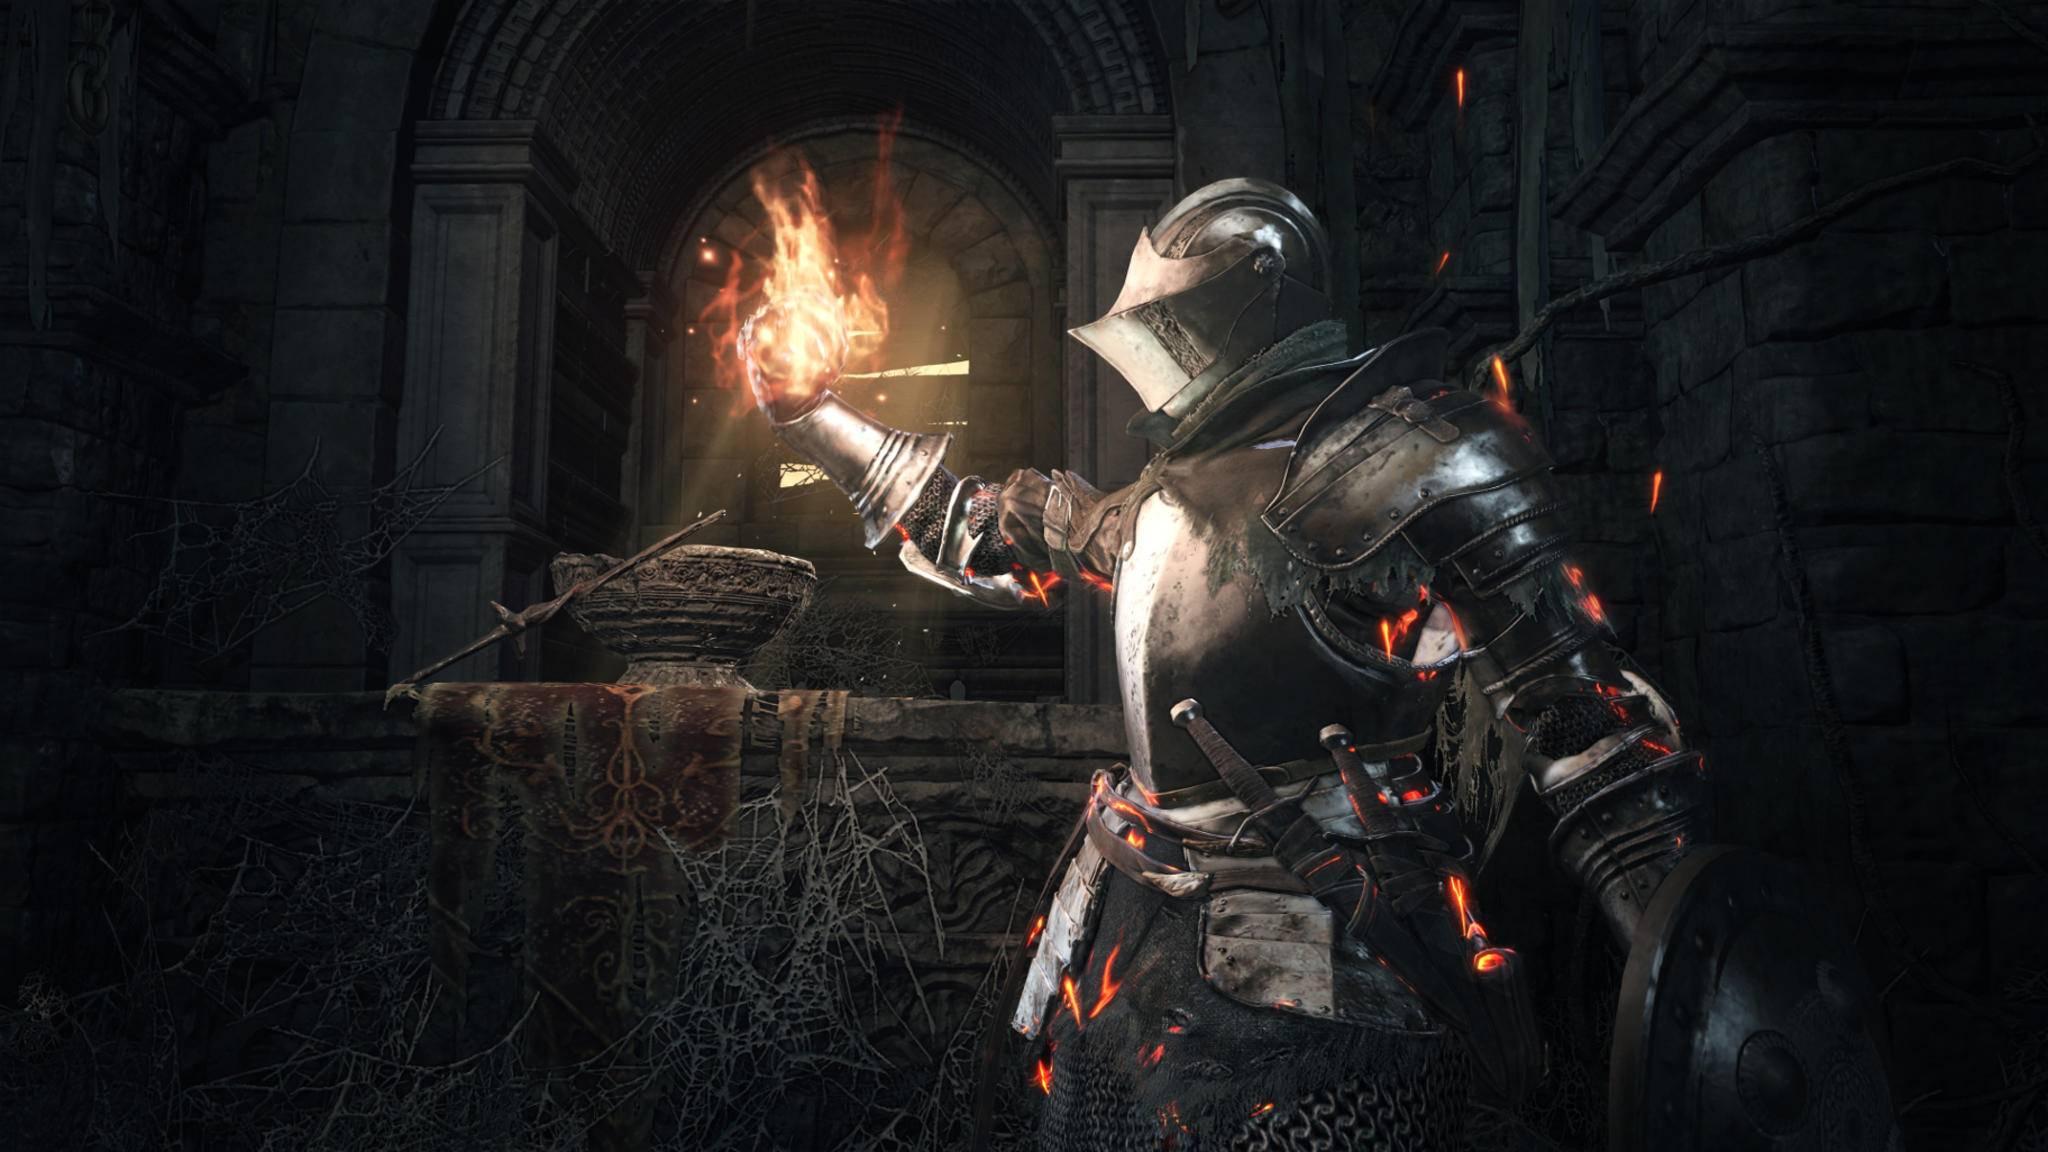 """Wie passen """"Dark Souls"""" und krachige Mech-Action zusammen? Gar nicht, aber man wird ja wohl träumen dürfen!"""